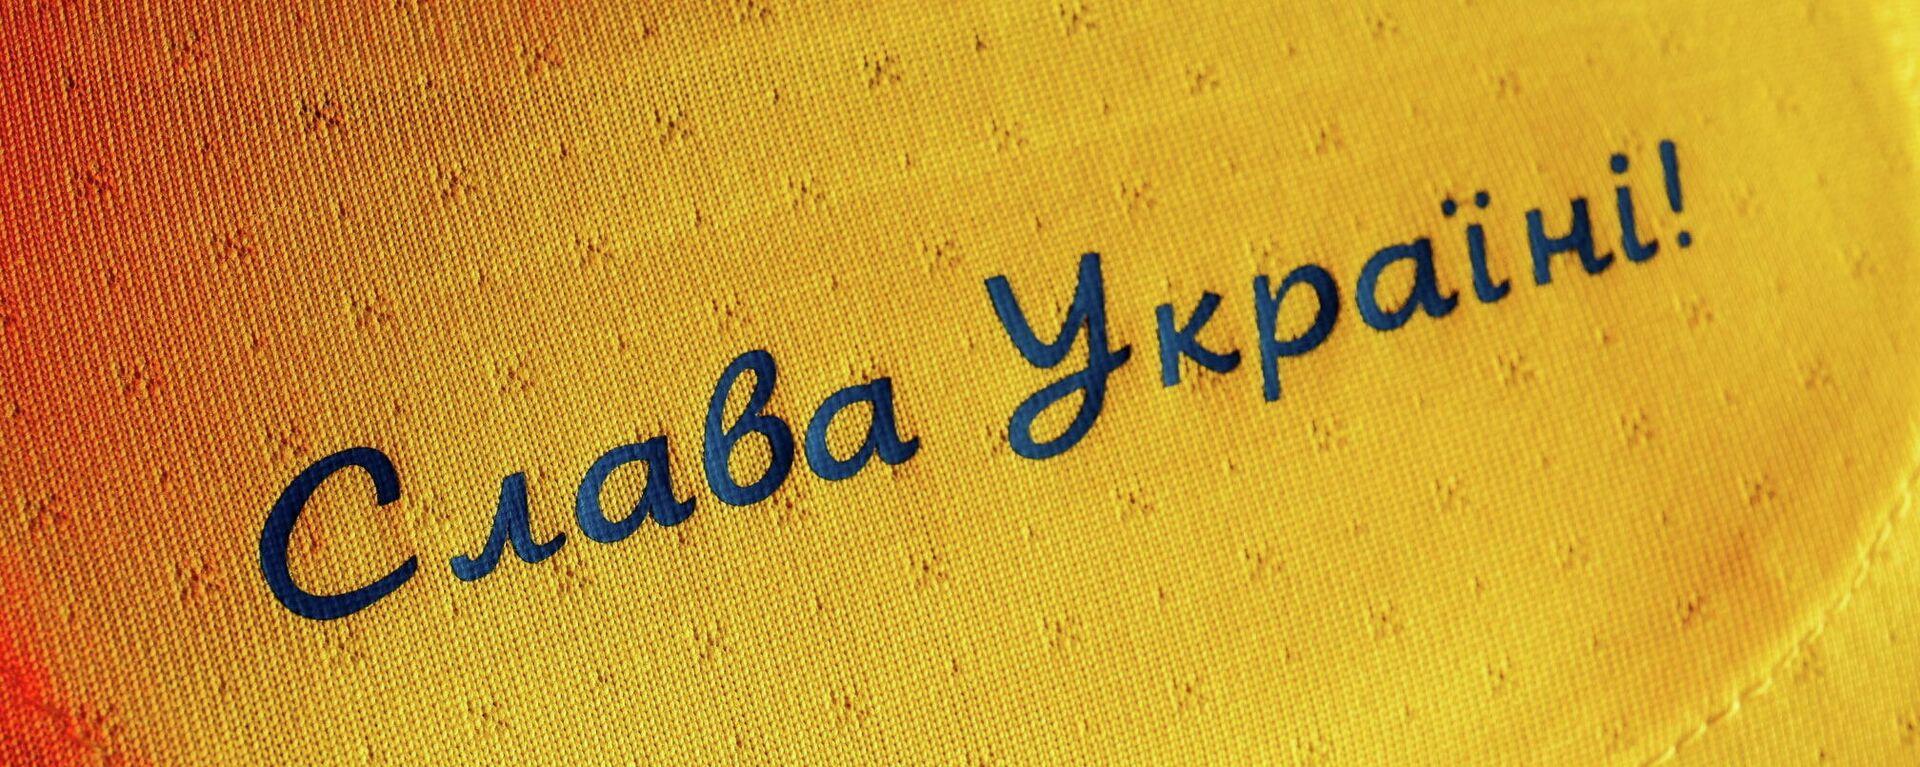 Camiseta de la selección ucraniana de fútbol con el lema ¡Gloria a Ucrania! - Sputnik Mundo, 1920, 11.06.2021